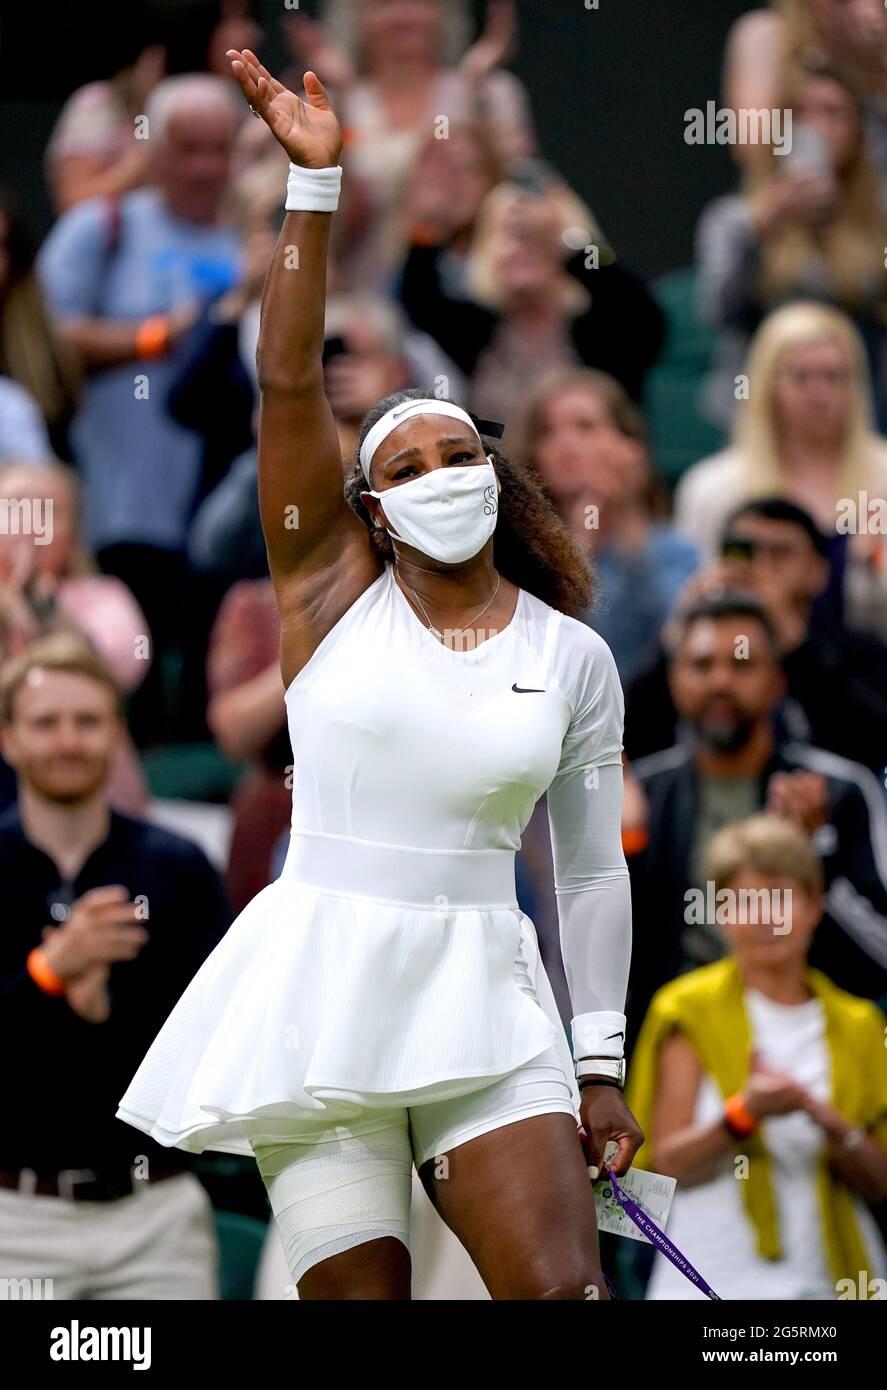 Serena Williams winkt den Fans zu, nachdem sie sich aus ihrem ersten Damen-Einzelspiel gegen Aliaksandra Sasnovich auf dem Mittelfeld aufgrund einer Verletzung am zweiten Tag von Wimbledon beim All England Lawn Tennis und Croquet Club in Wimbledon zurückzieht. Bilddatum: Dienstag, 29. Juni 2021. Stockfoto